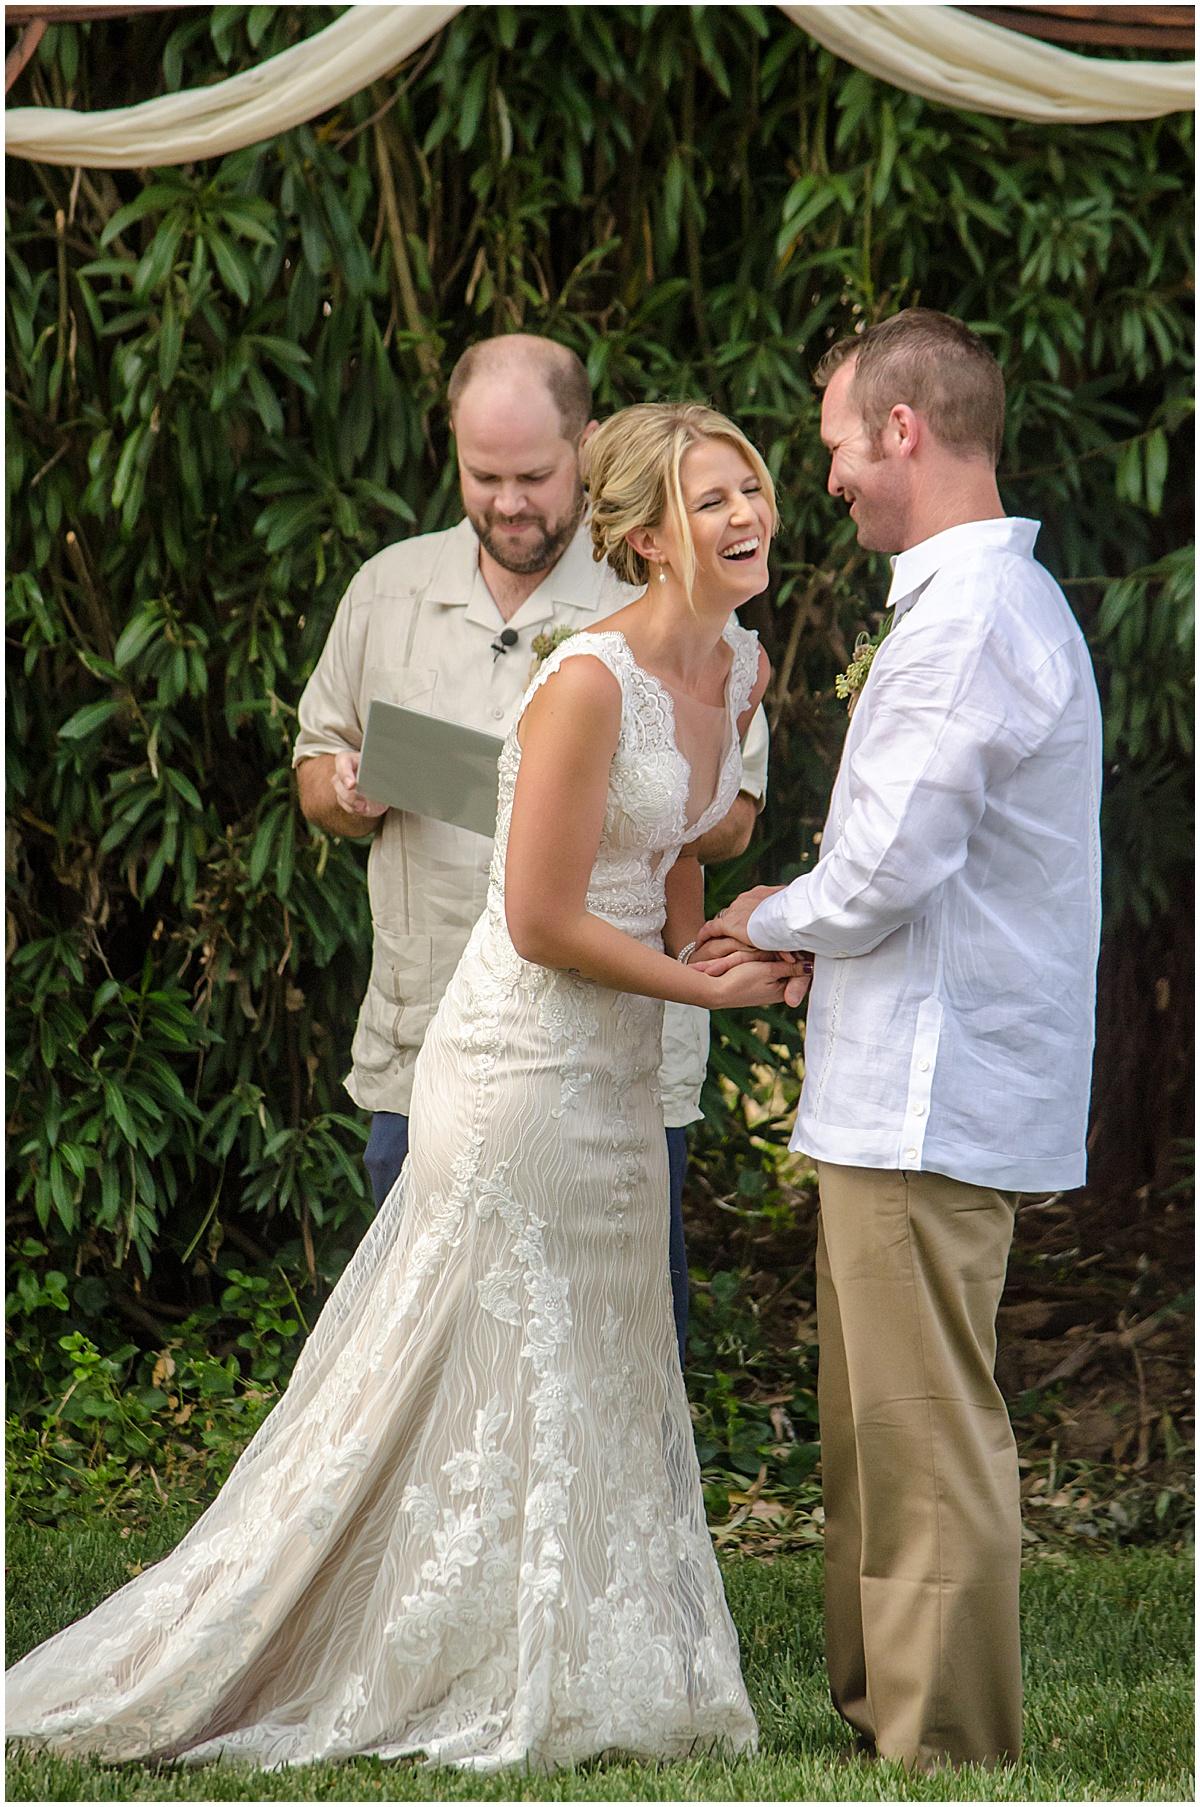 Morgan Hill Estate Botanical Wedding | Brina and Andy010